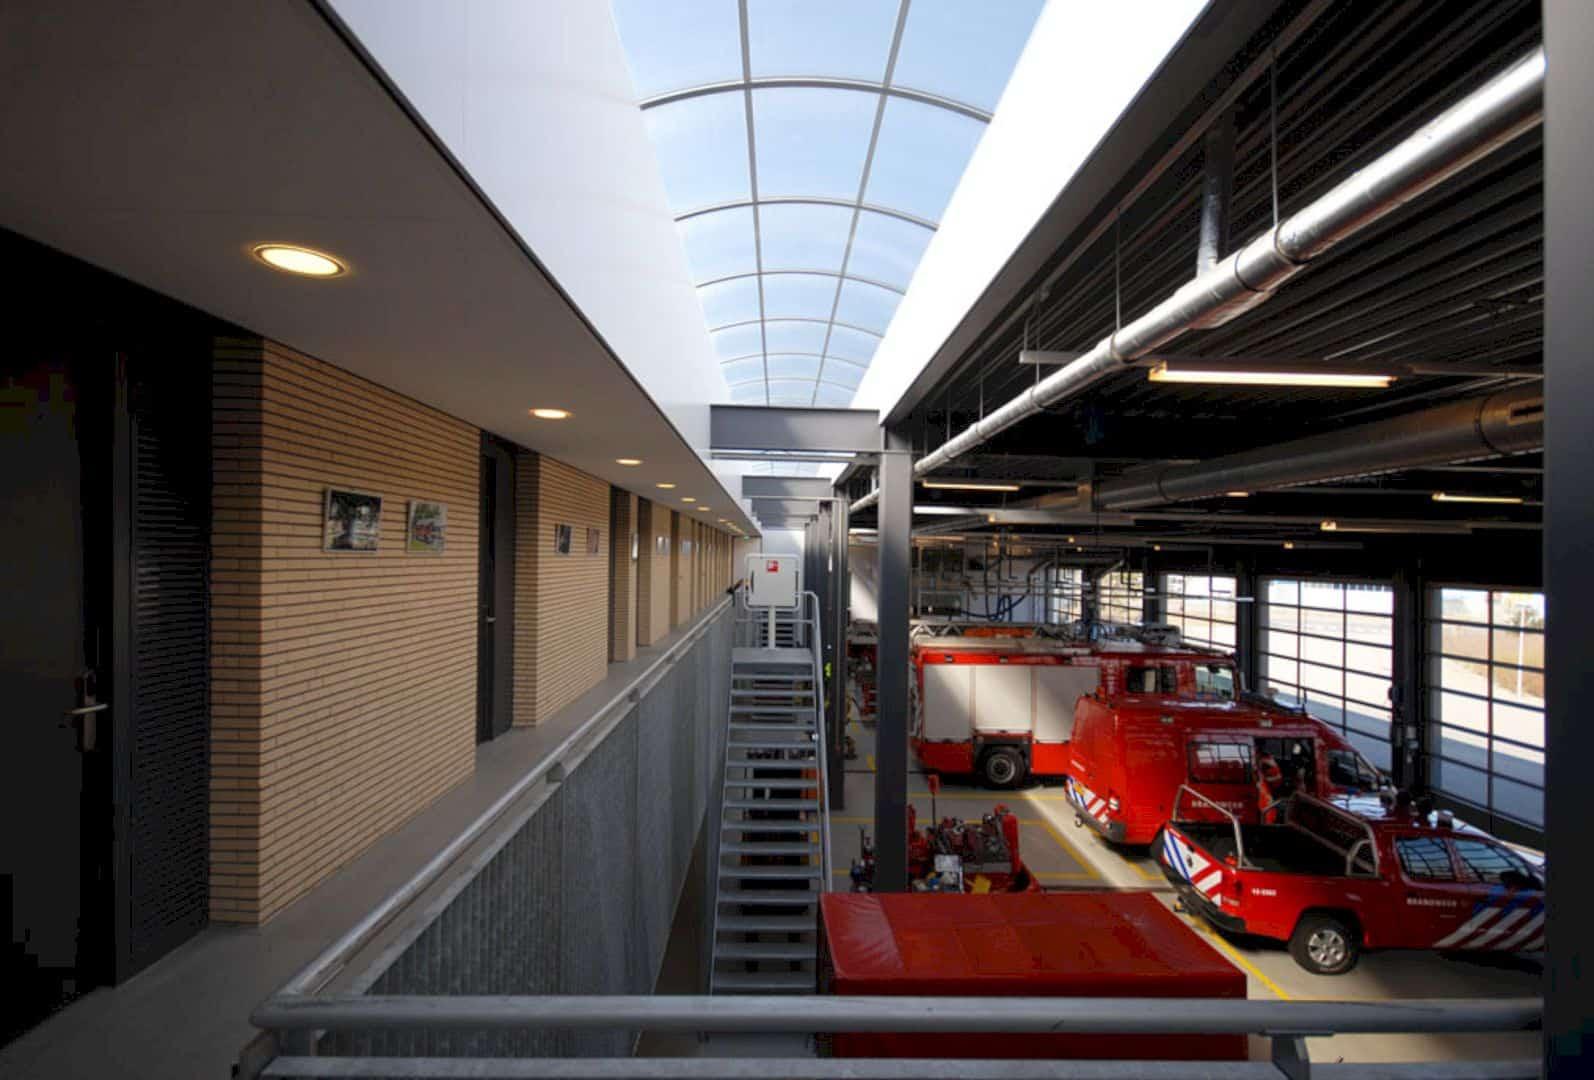 Fire Station Zandvoort By Jeanne Dekkers Architectuur 3